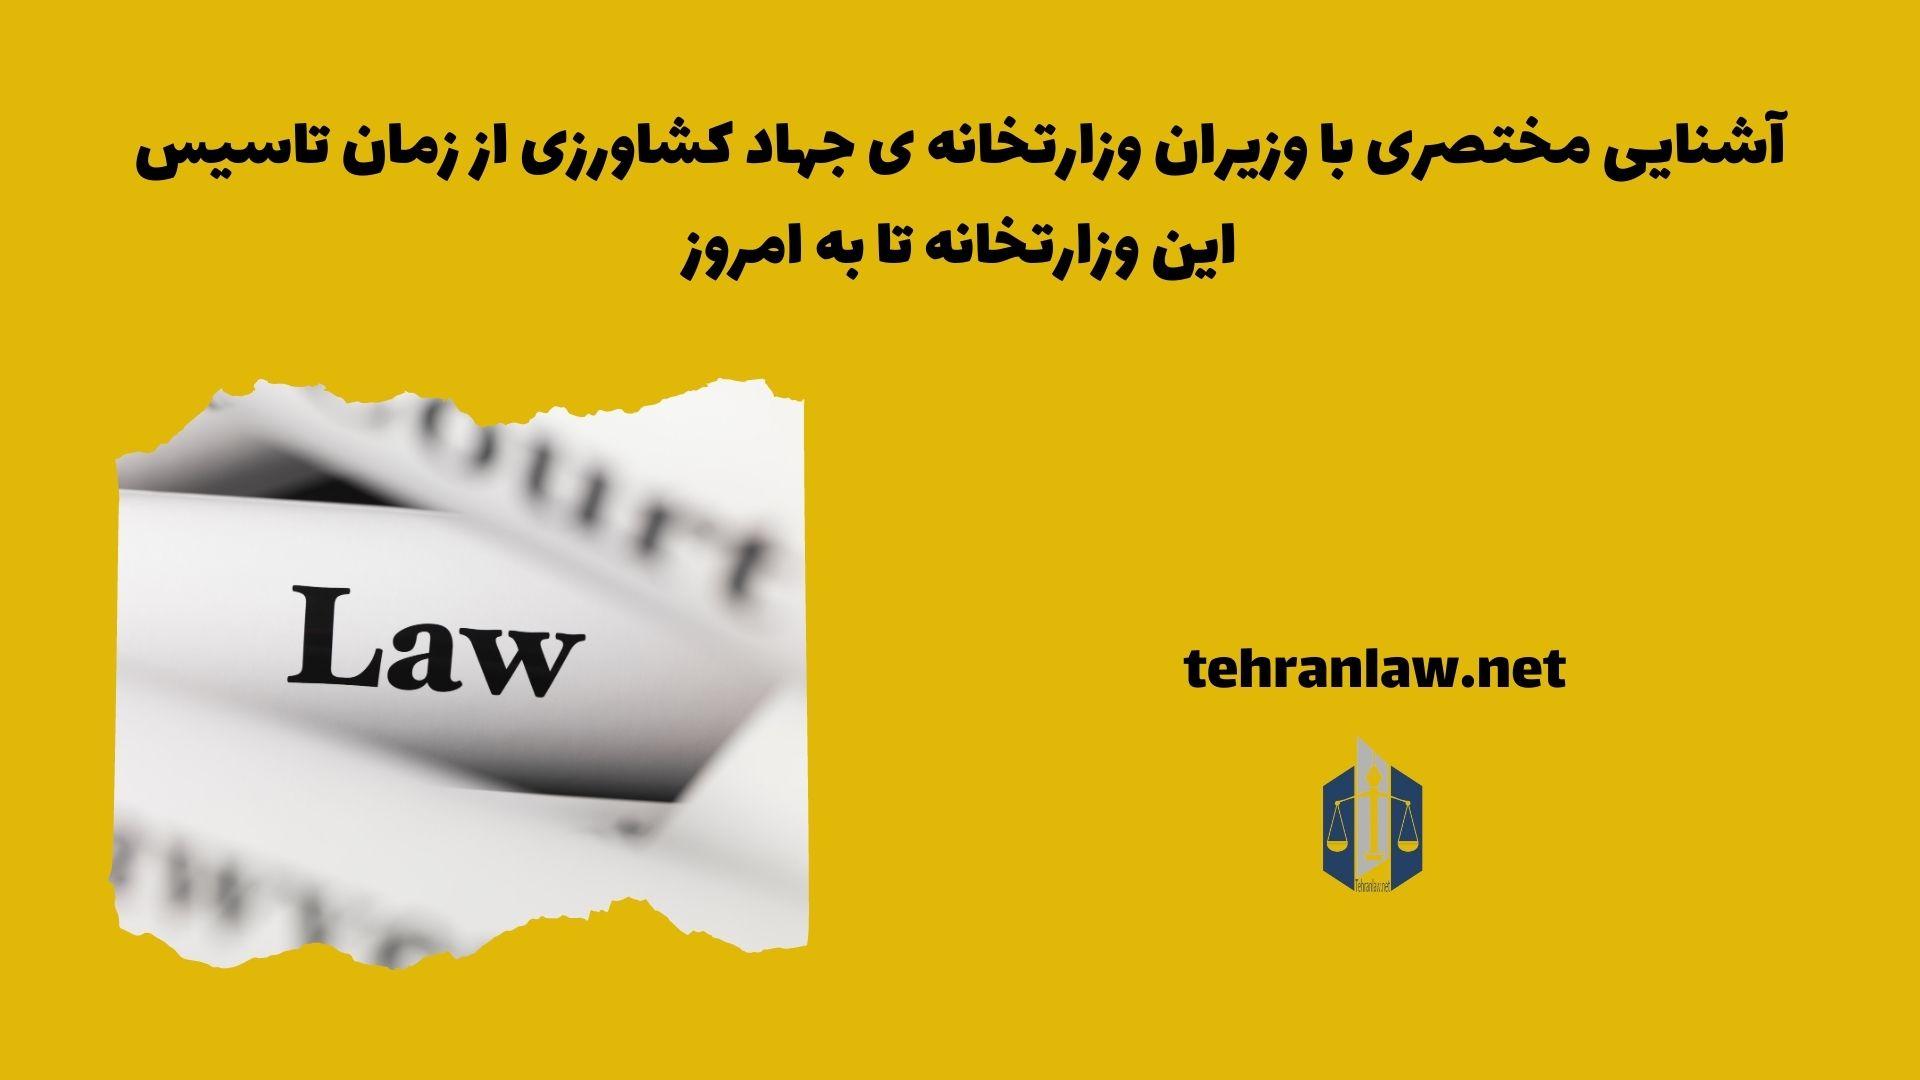 آشنایی مختصری با وزیران وزارتخانه ی جهاد کشاورزی از زمان تاسیس این وزارتخانه تا به امروز